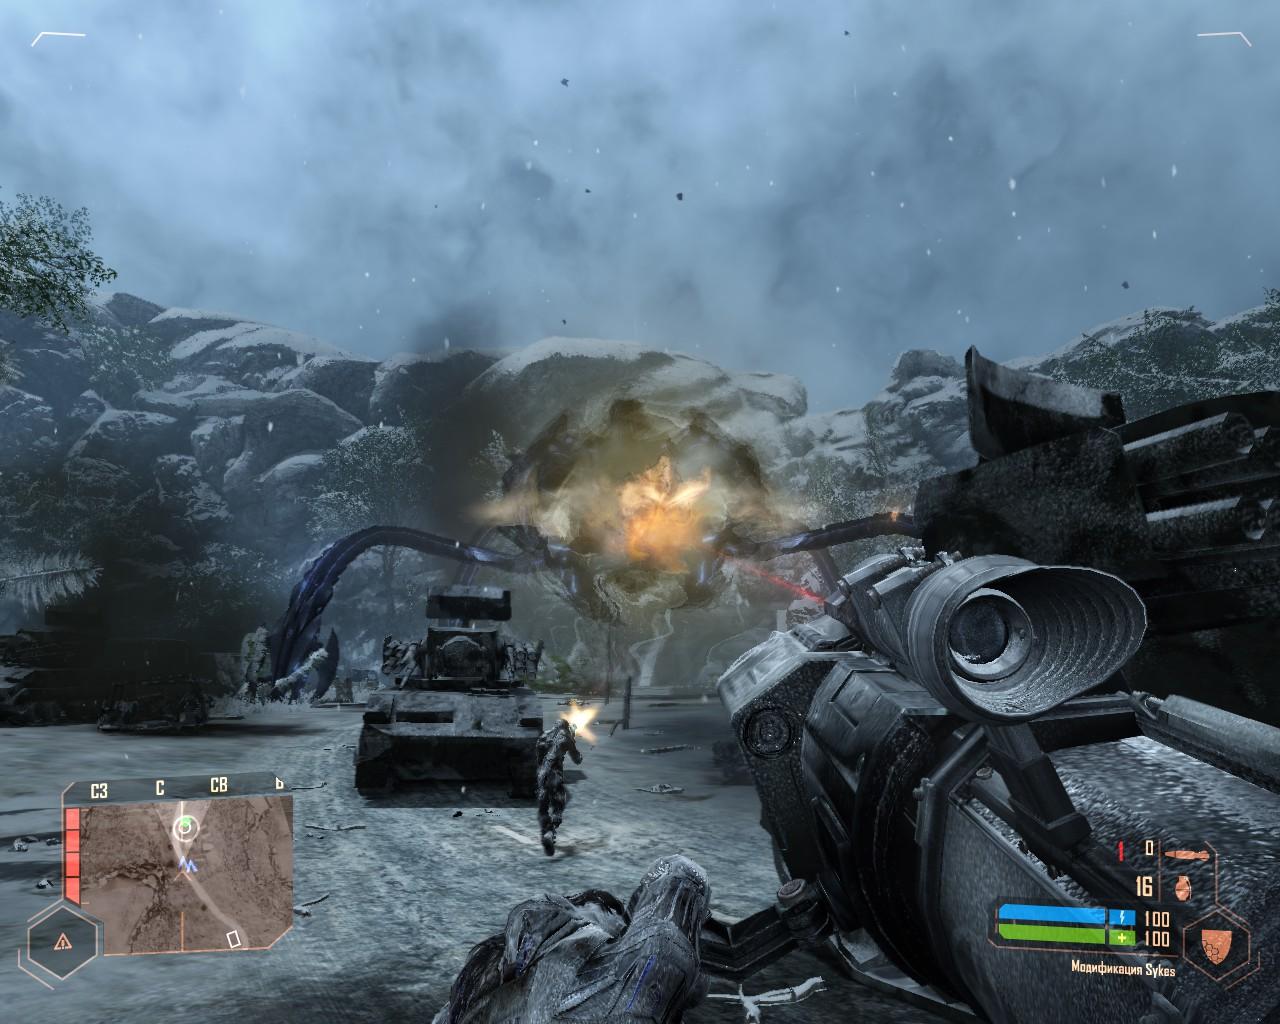 Crysis64 2014-08-16 17-59-38-73.jpg - Crysis Warhead